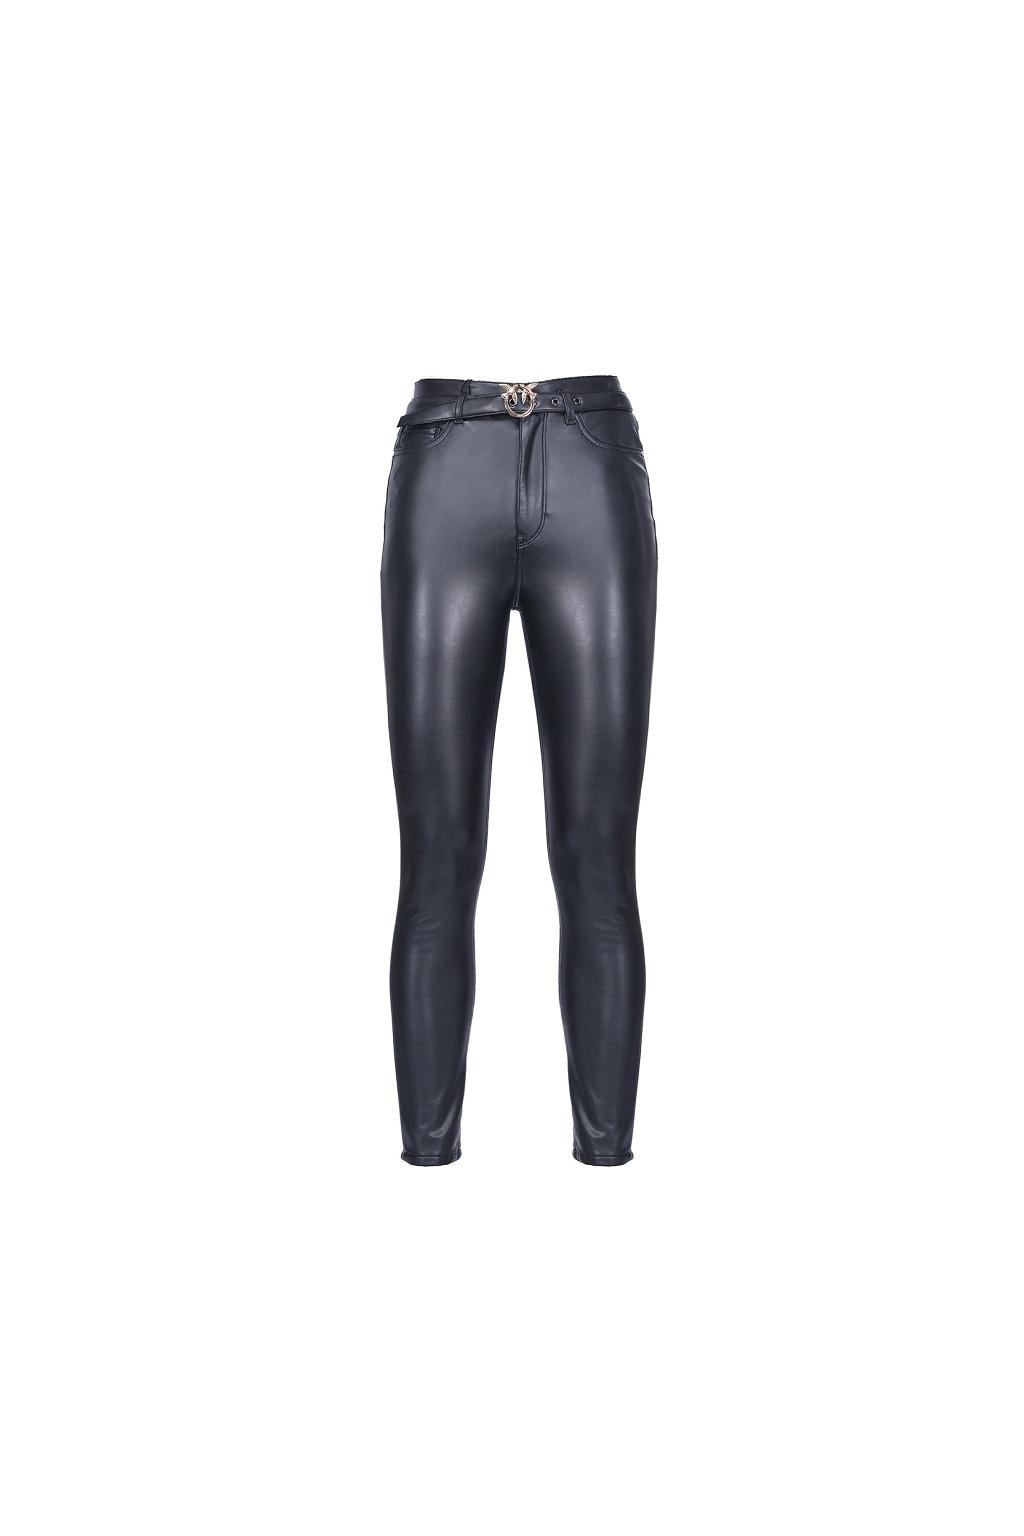 1G15KTY6GQ Z99 Dámské kalhoty Pinko Susan 6 Skinny černé